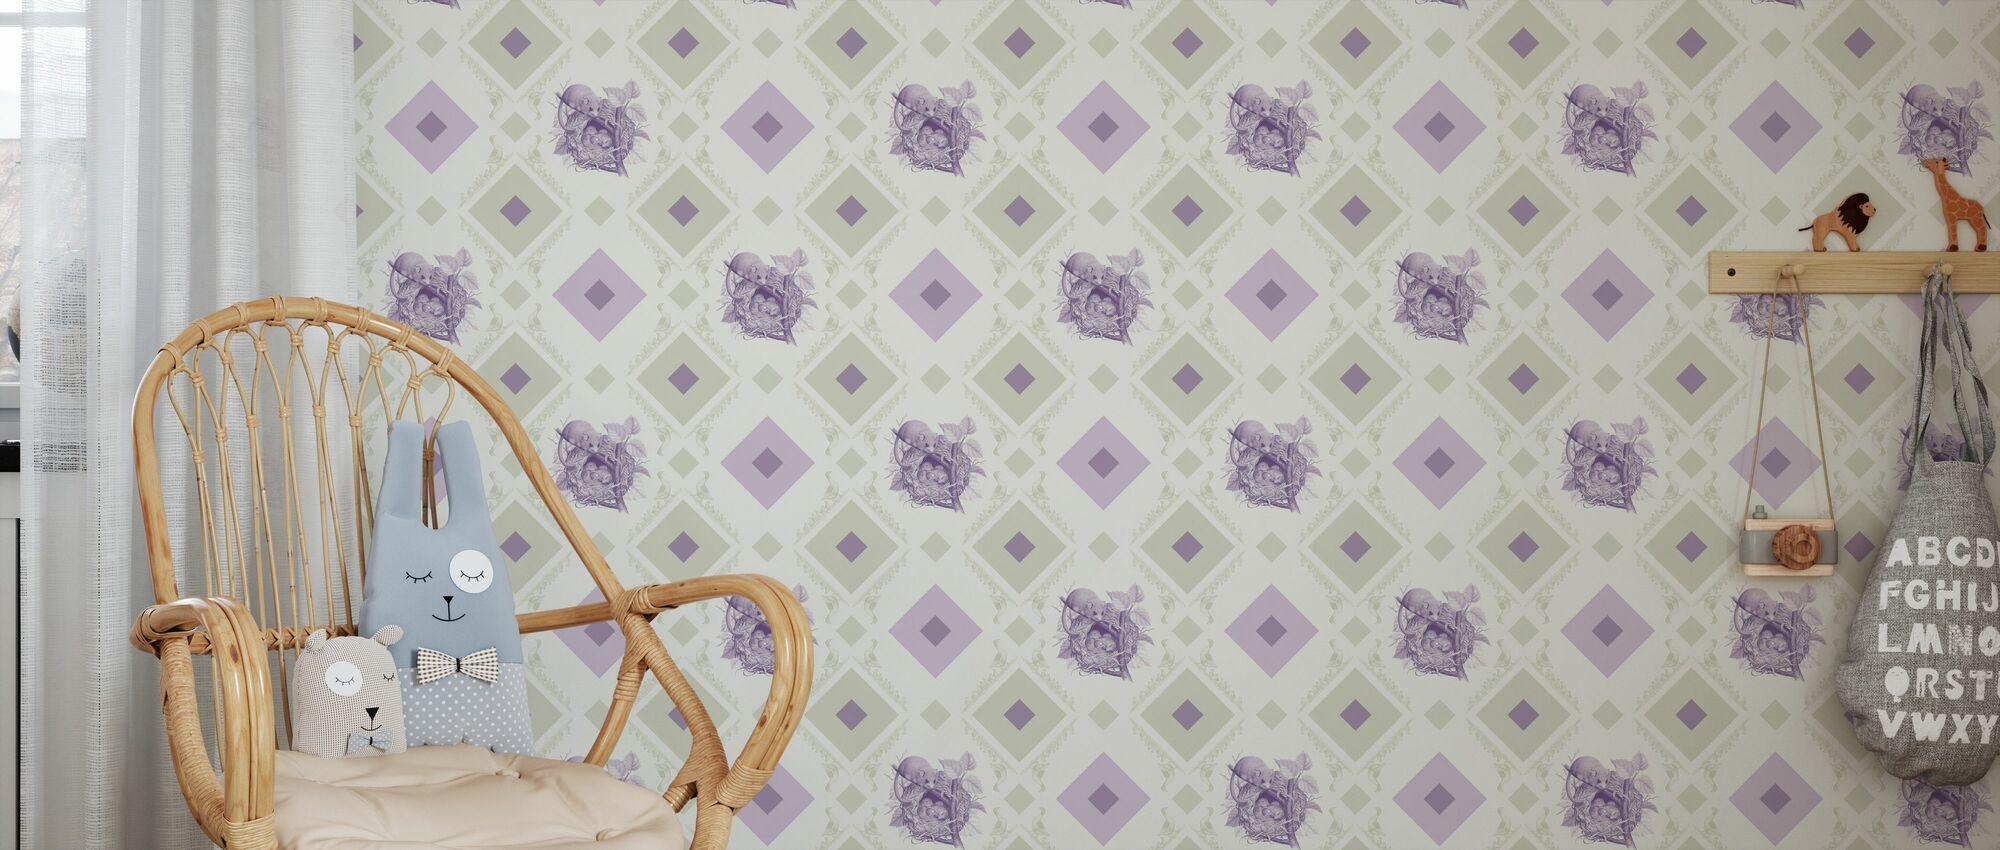 Slaapmuis - Gooseframe - Groen Paarse - Behang - Kinderkamer